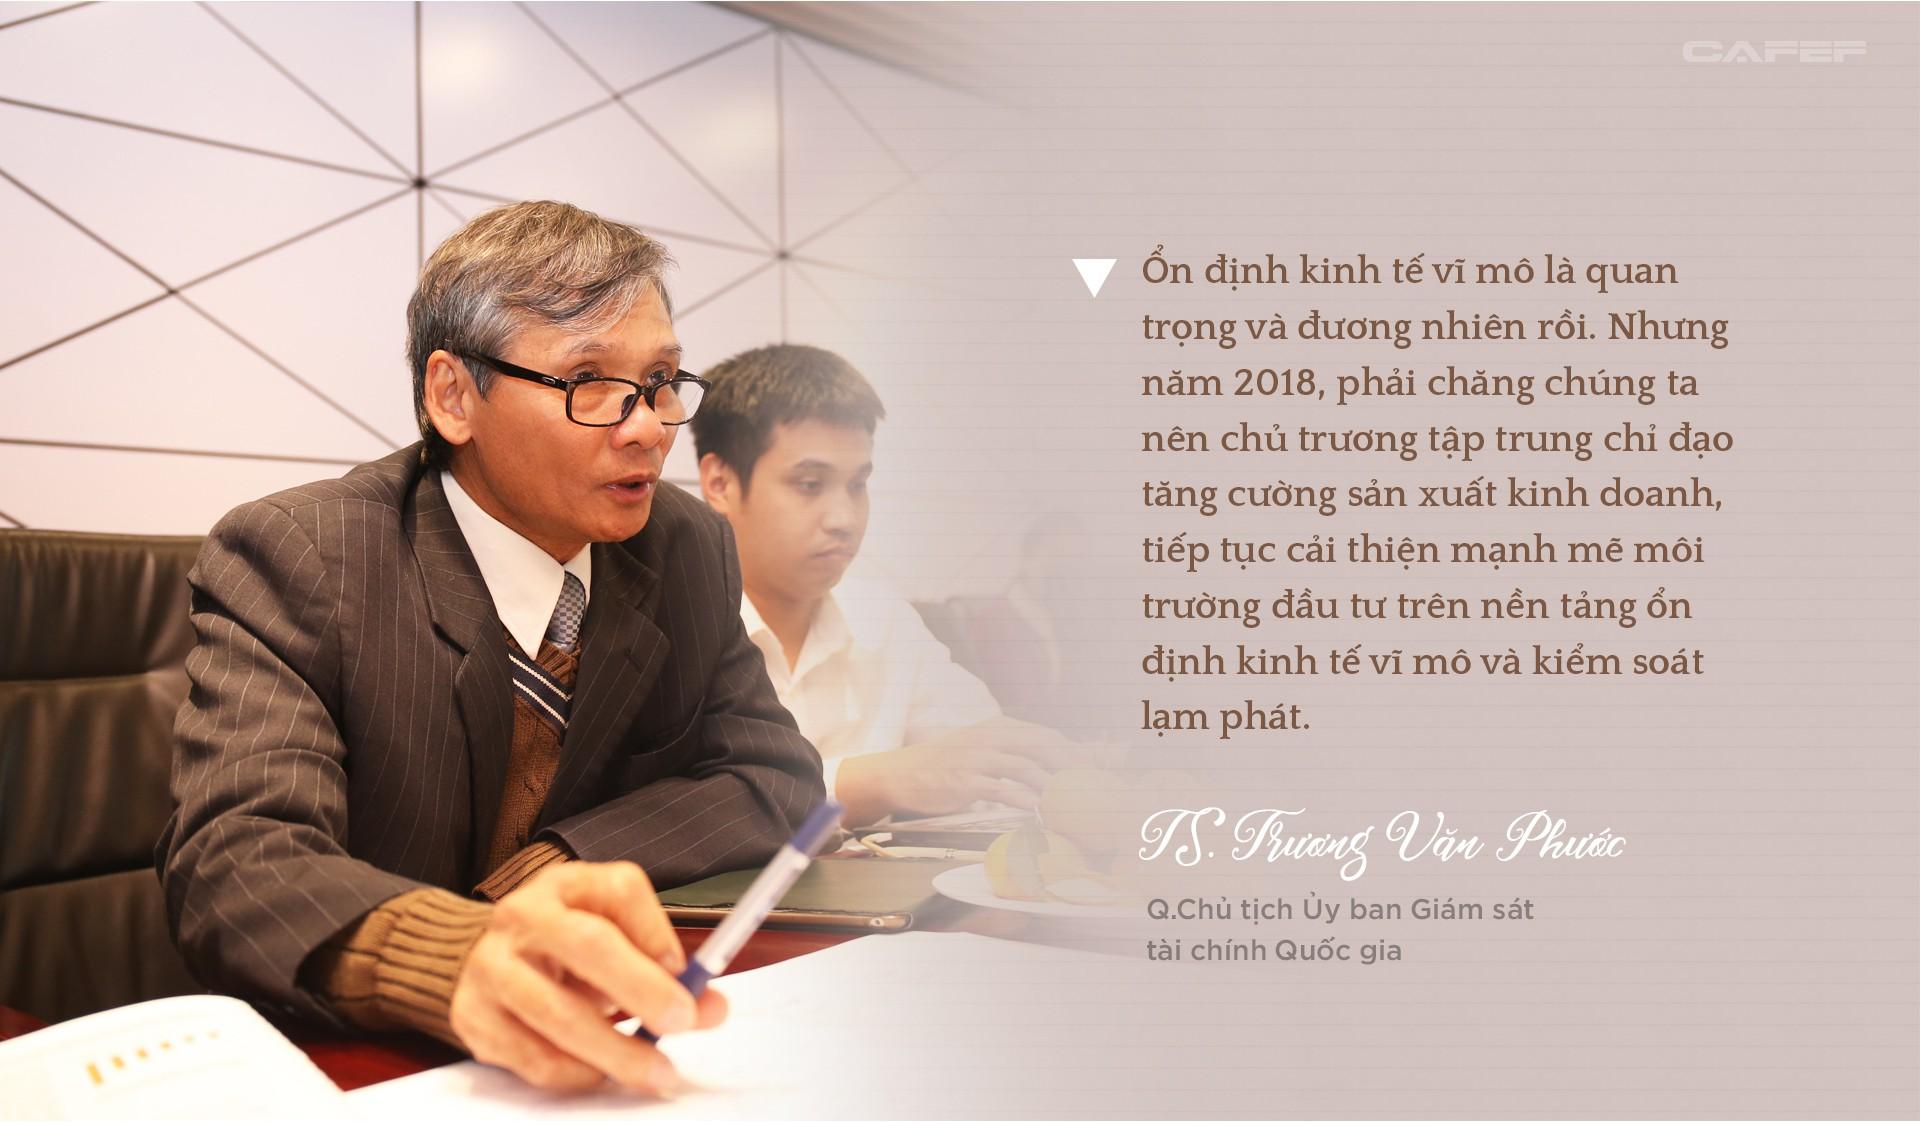 TS. Trương Văn Phước dự báo gì về tăng trưởng, tỷ giá năm 2018 và bitcoin? - Ảnh 7.